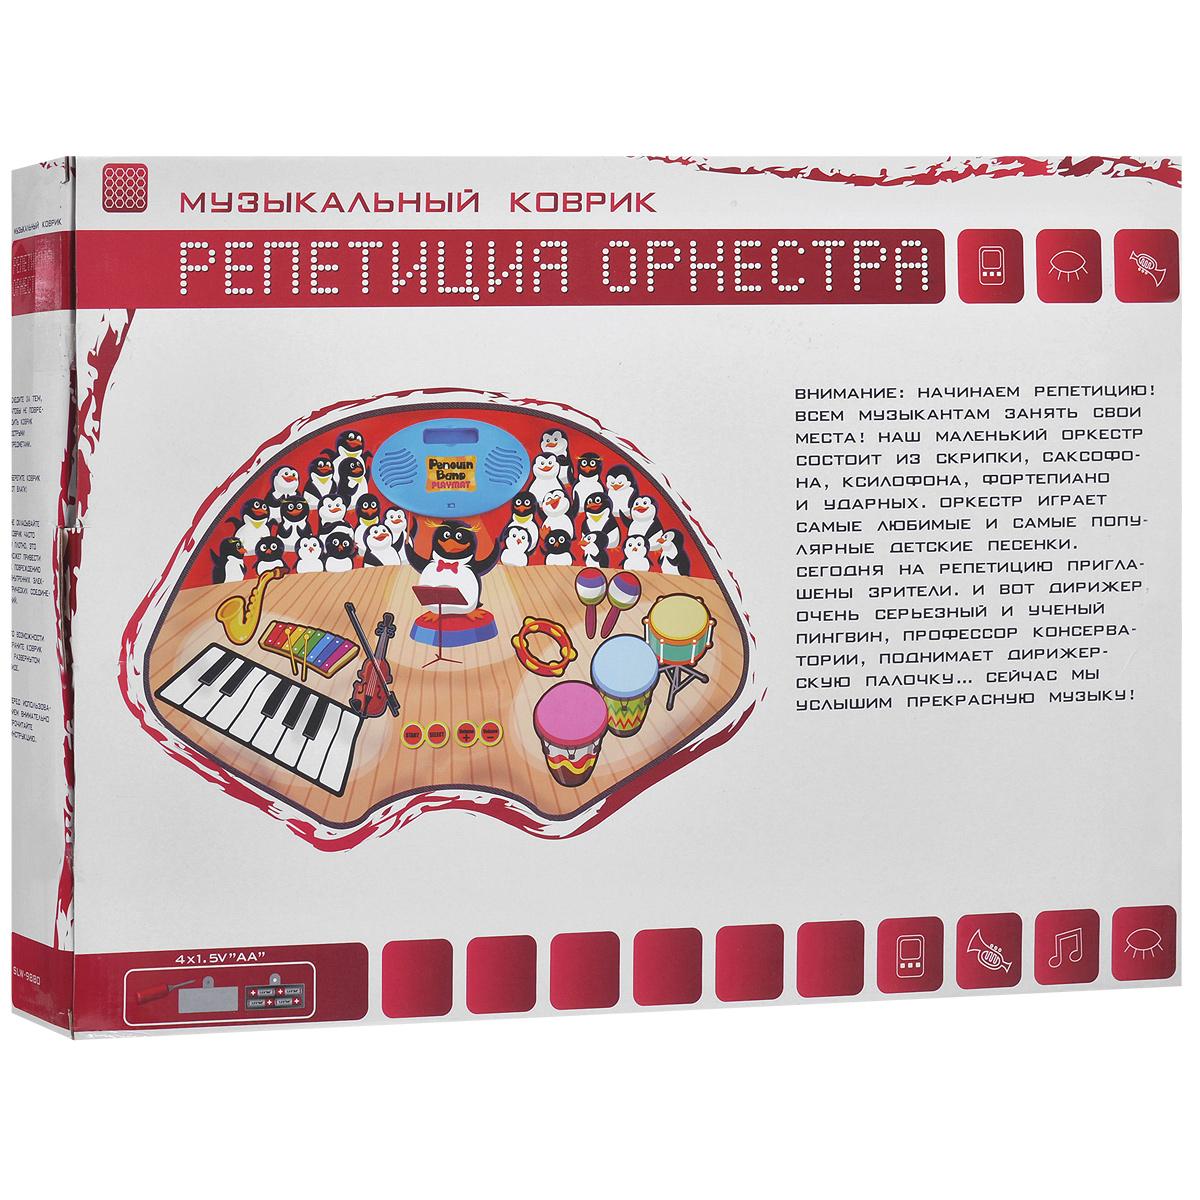 Наша Игрушка Музыкальный развивающий коврик Репетиция оркестраSLW-9880Великолепный музыкальный коврик Репетиция оркестра. Мягкий коврик с пластиковой панелью, на которой расположены: кнопка включения-выключения ON-OFF и разъем для подключения CD/MP3 плеера. На коврике расположены следующие кнопки: DEMO (демонстрация мелодий), STOP (отмена функций), Volume- и Volume +. Также на коврике имеются изображения музыкальных инструментов, которые также являются сенсорными кнопками. Музыкальный коврик воспроизводит звучание пианино, вибрафона, саксофона и скрипки. Ваш ребенок быстро научиться пользоваться им. А если он не один, то игра будет вдвойне веселее.